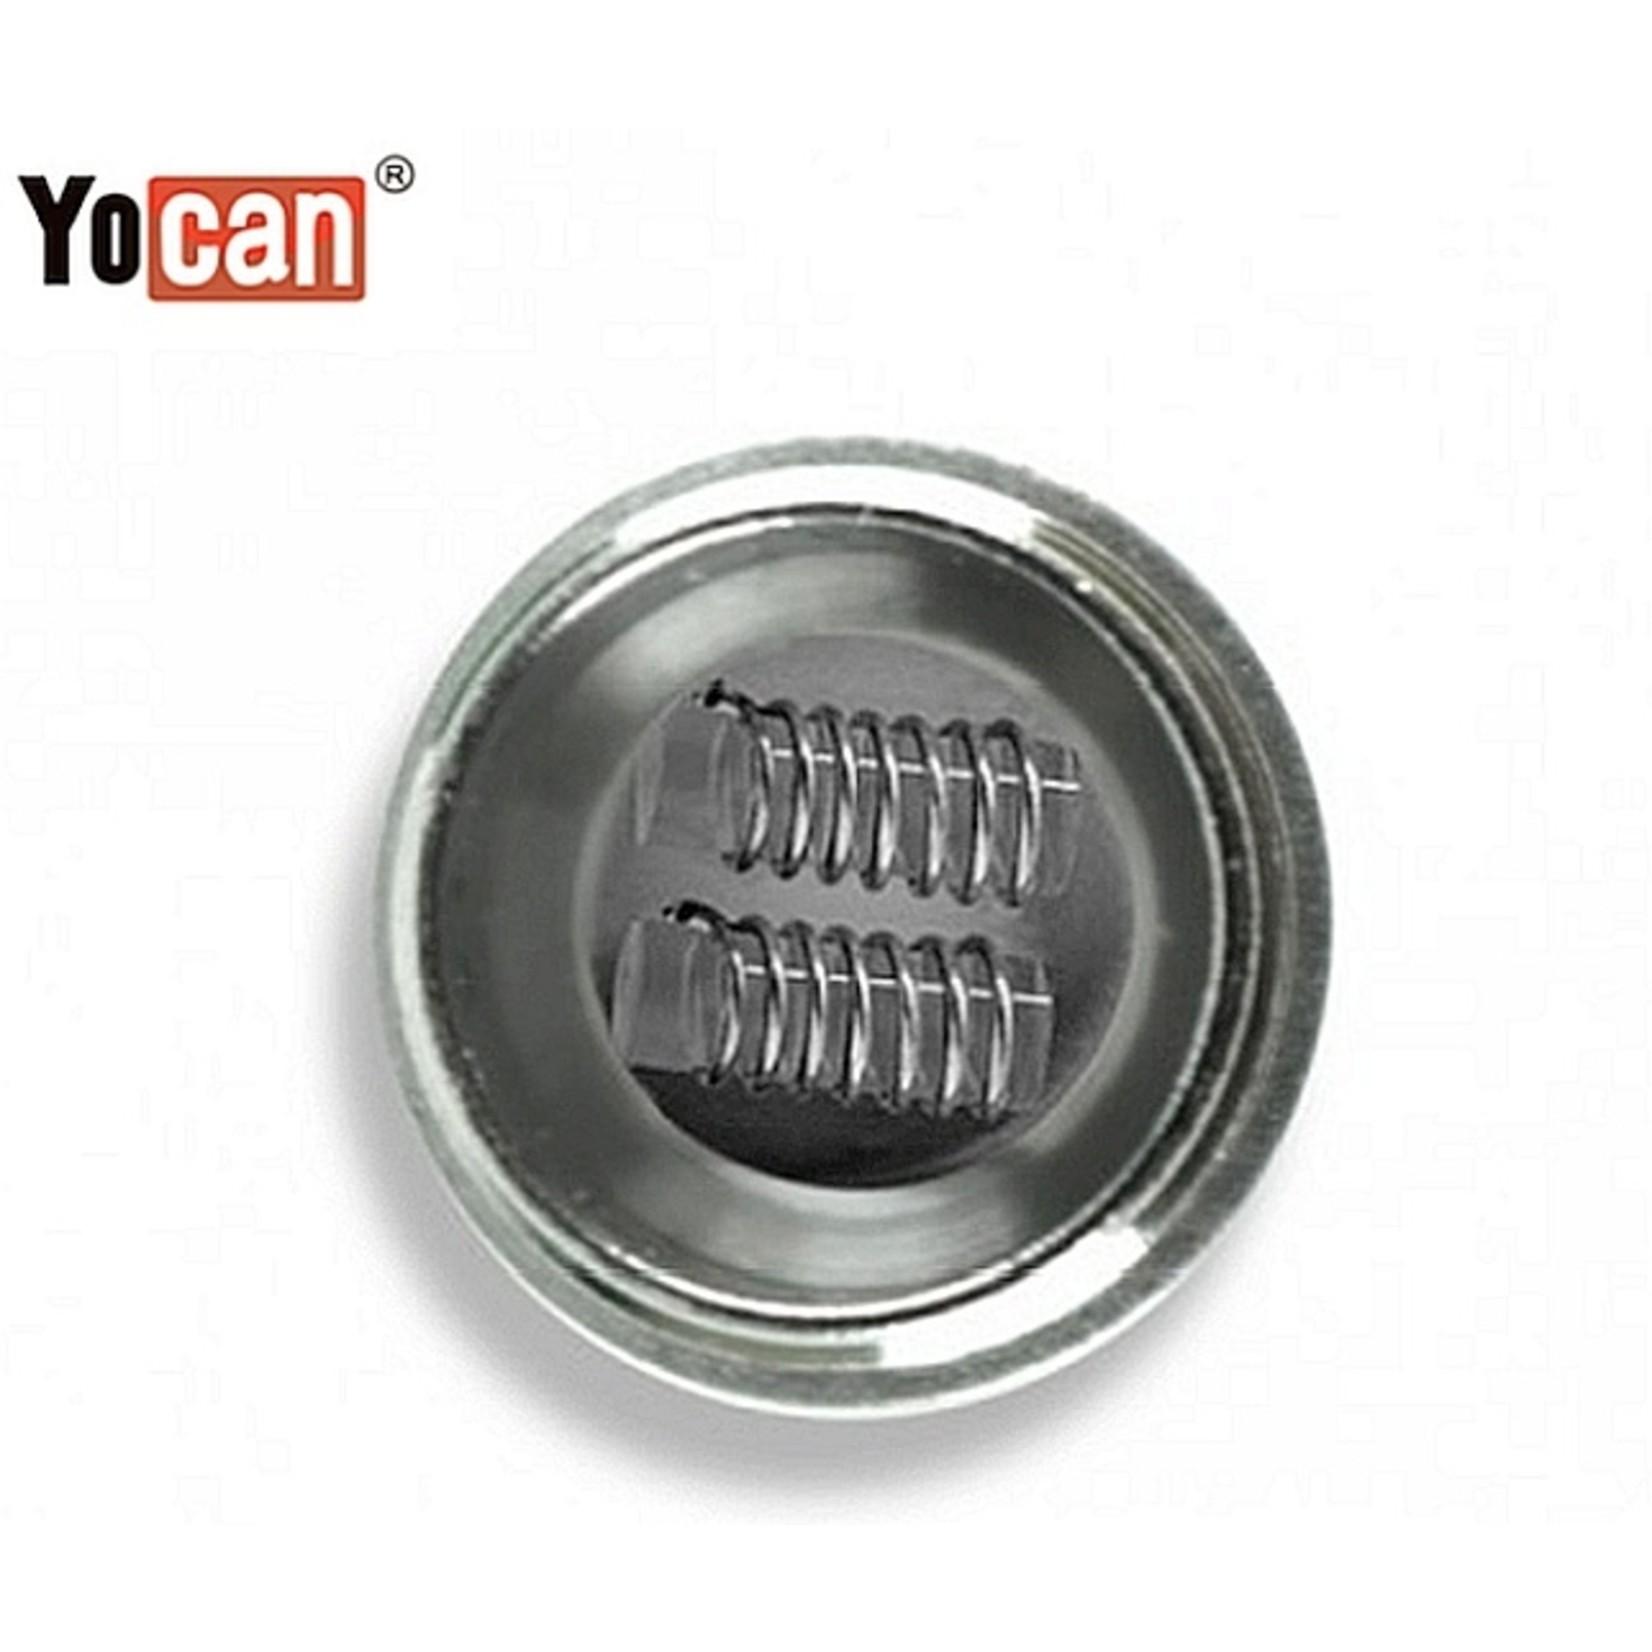 Yocan Regen Quartz Coil